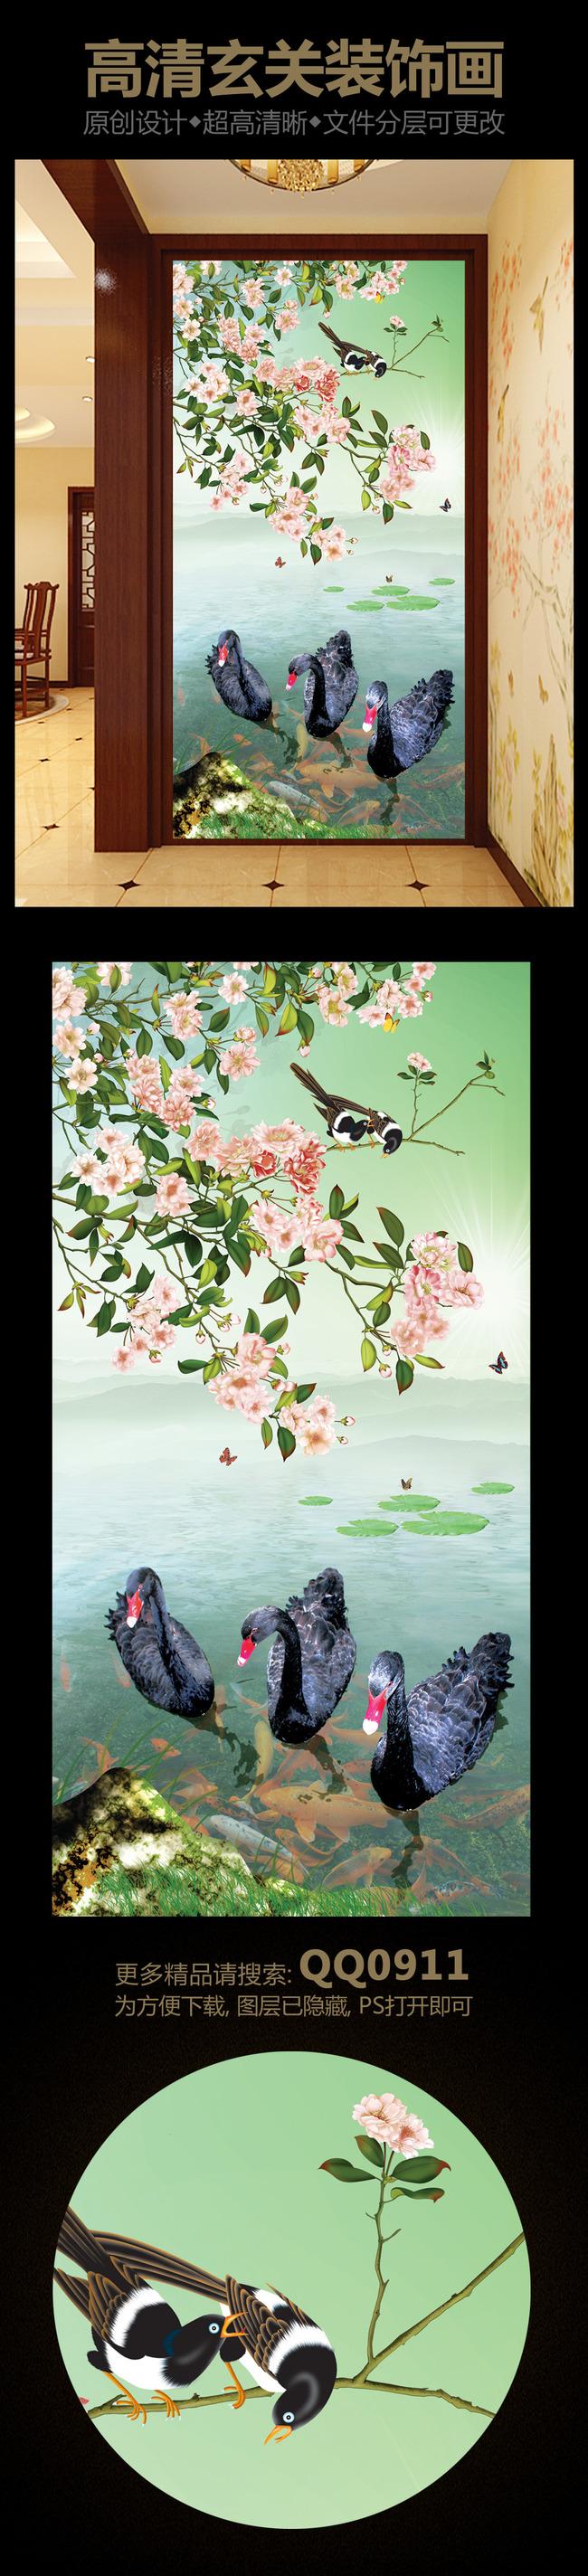 手绘高清山水花鸟玄关装饰画